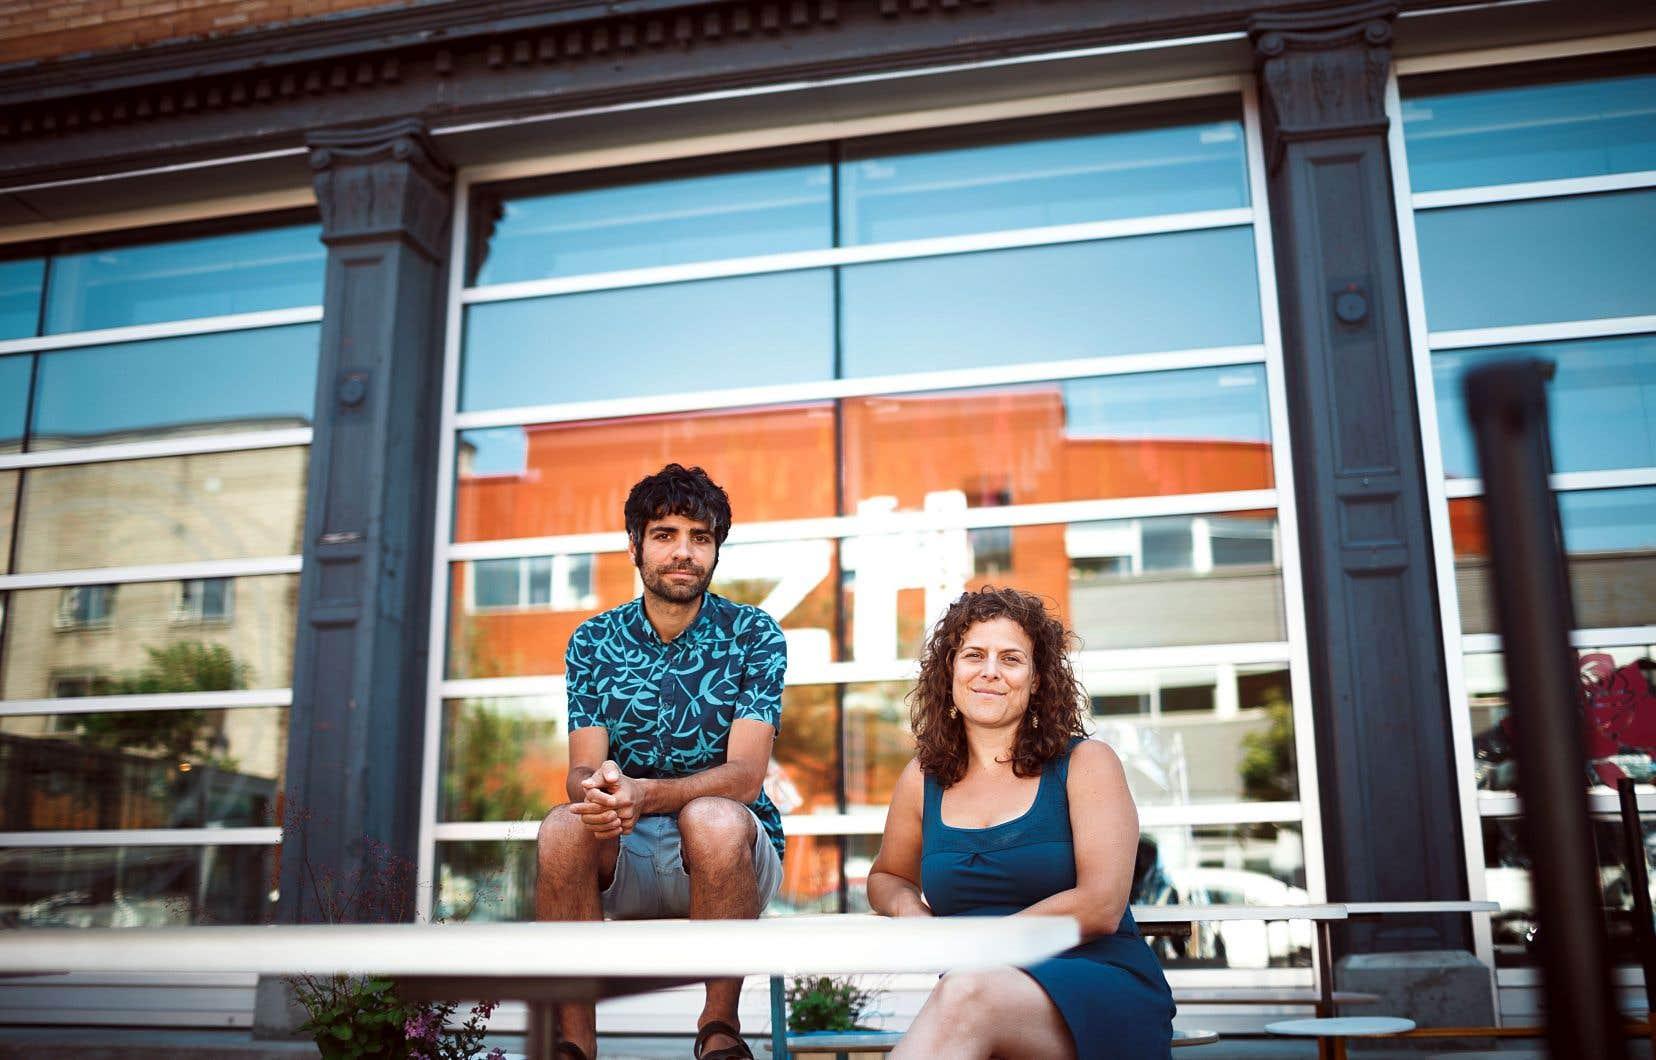 Ricard Soler i Mallol et Mireille Camier veulent raconter, à travers «Give Me a Revolution», les destins personnels qui ont tissé les grands mouvements abordés.